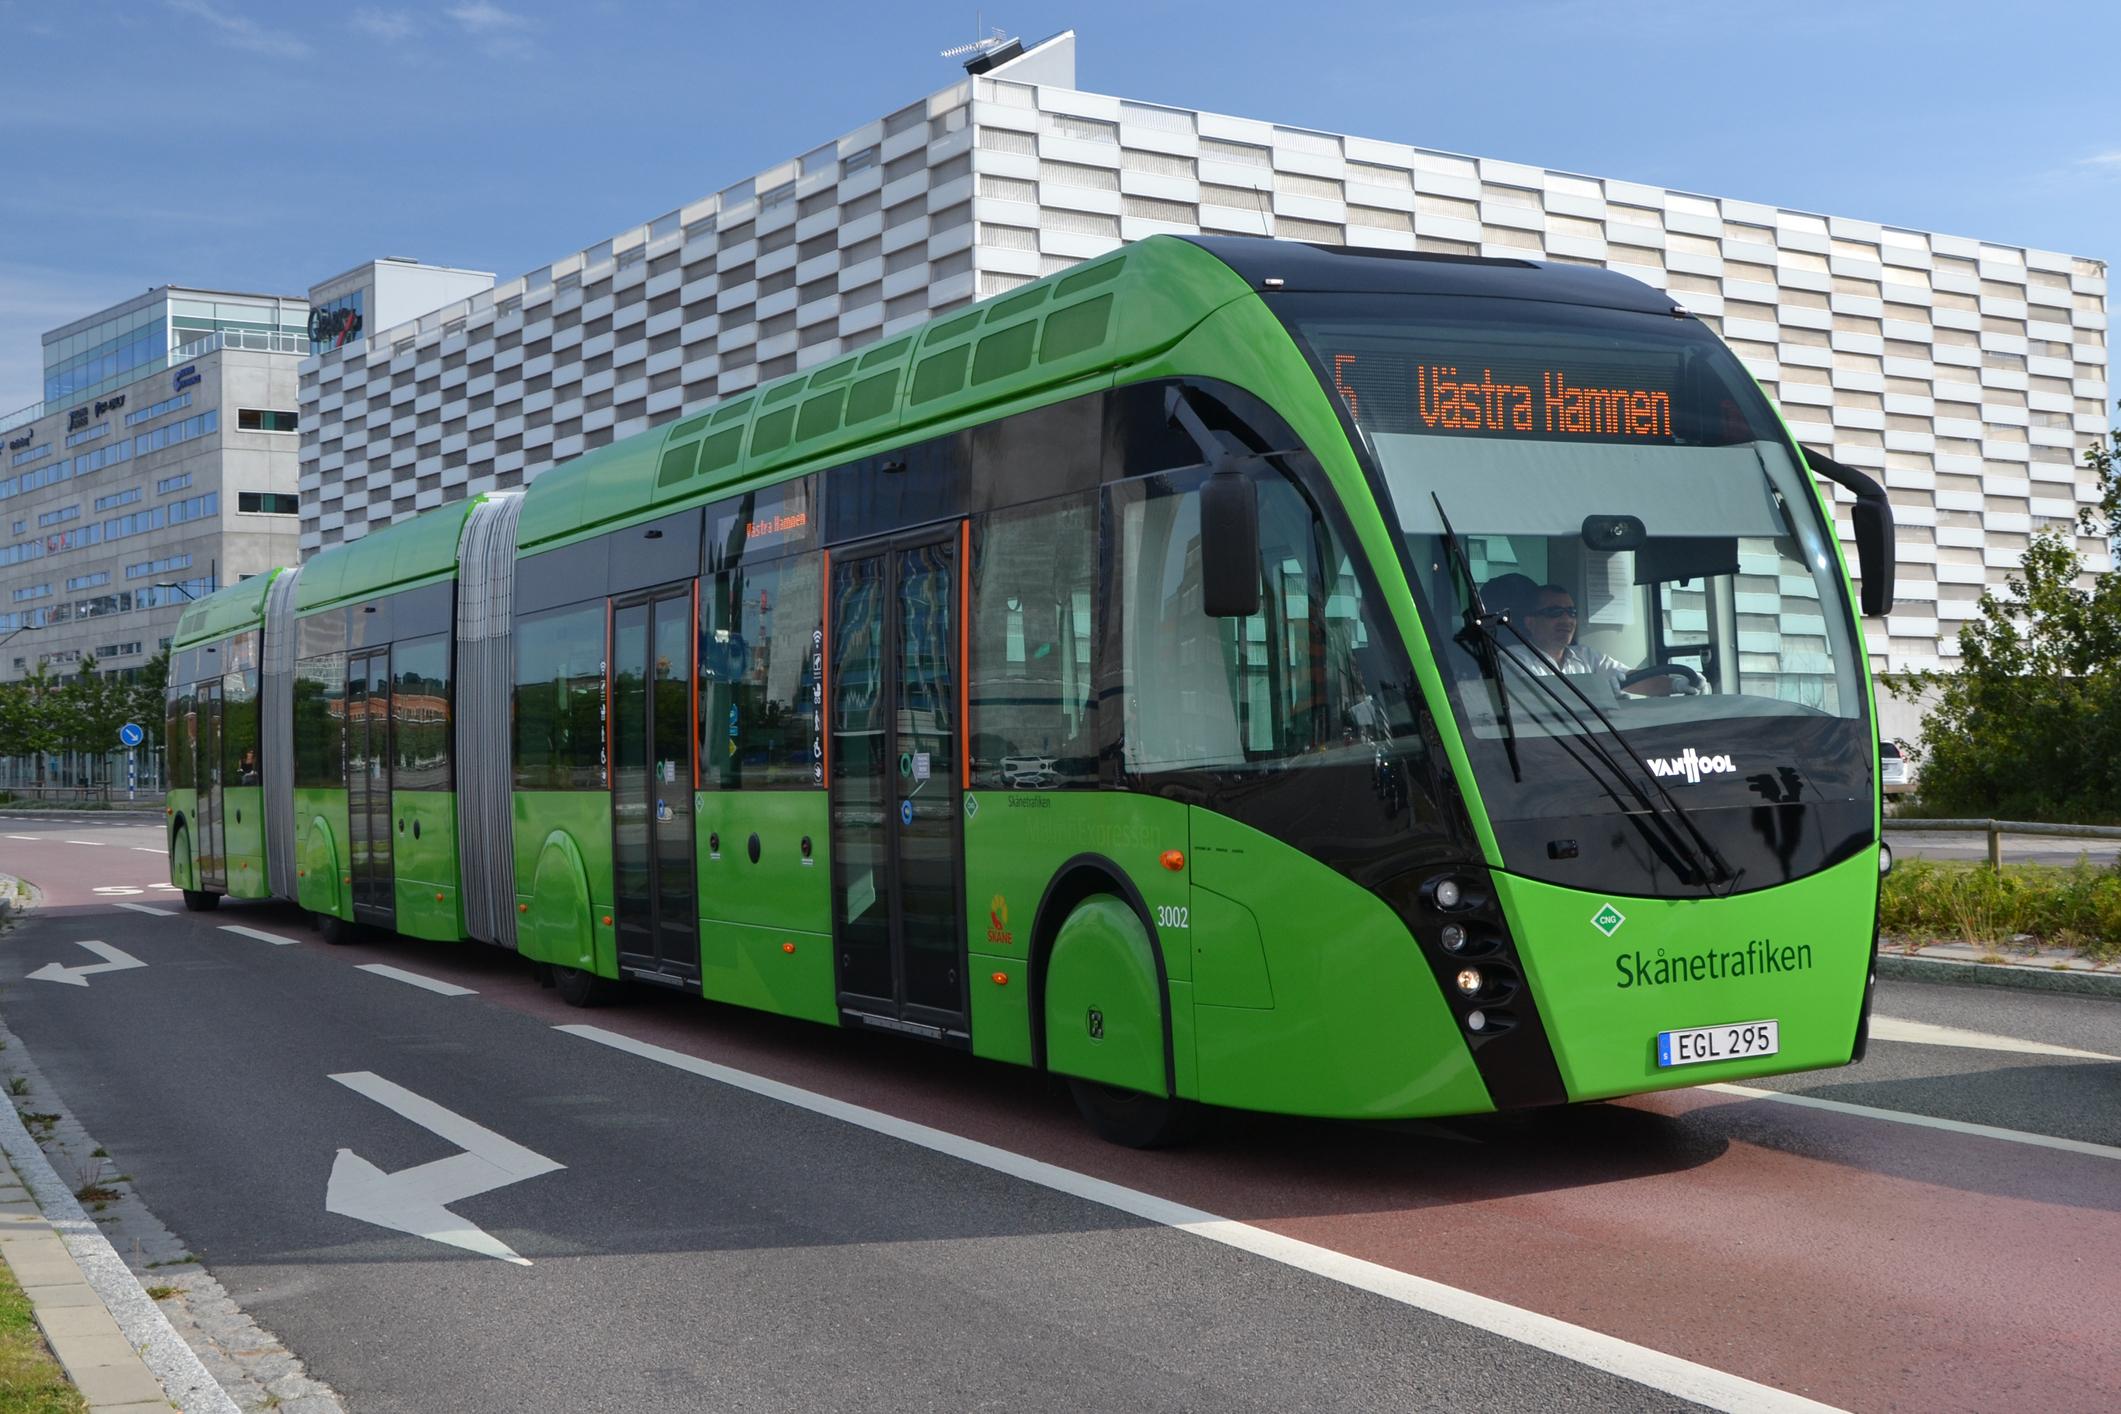 Skal busserne køres på madaffald?